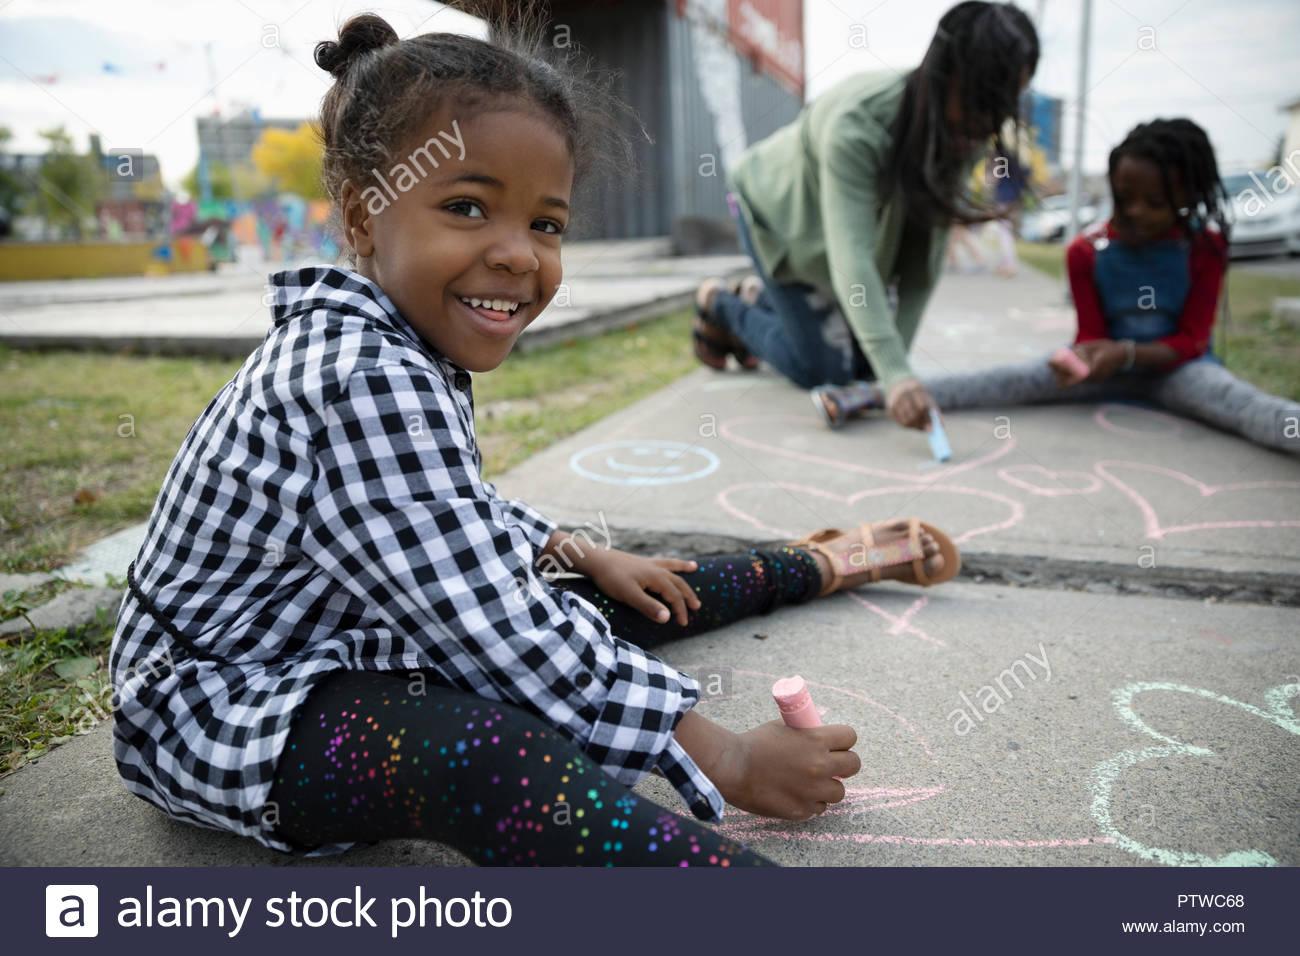 Ritratto sorridente ragazza carina di disegno con sidewalk chalk Immagini Stock